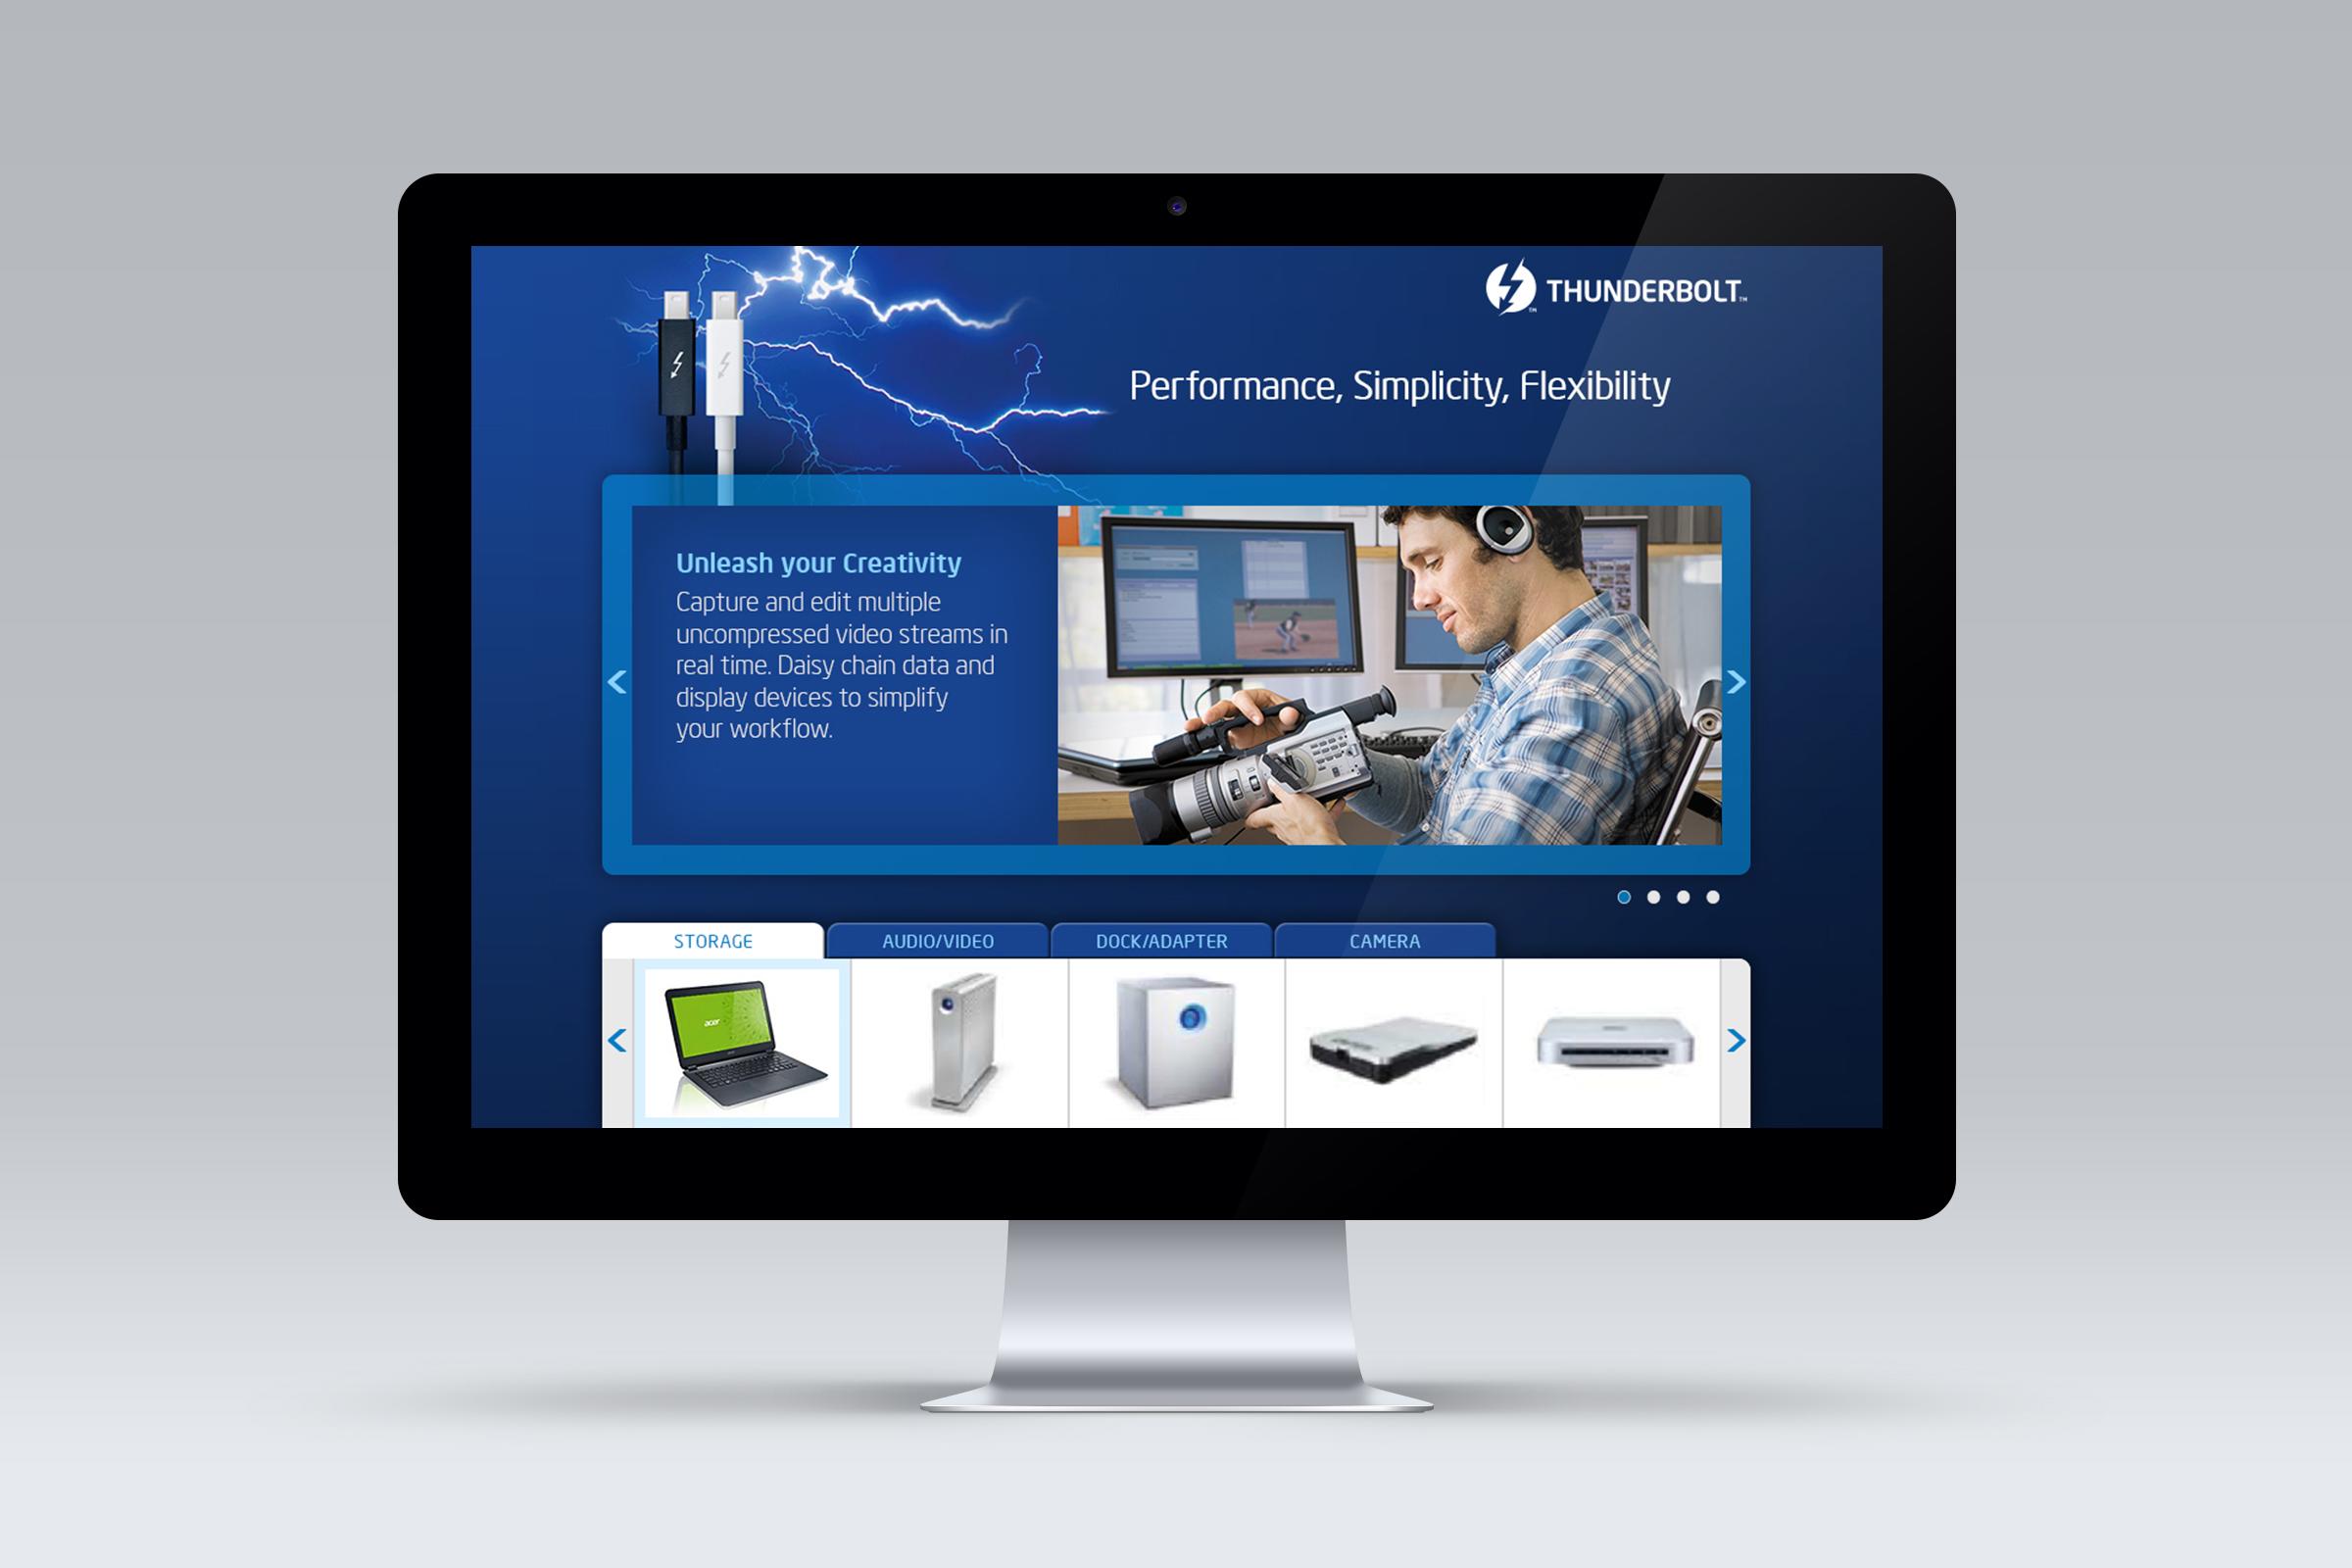 INT_Thunderbolt_Microsite-Mock-up.jpg